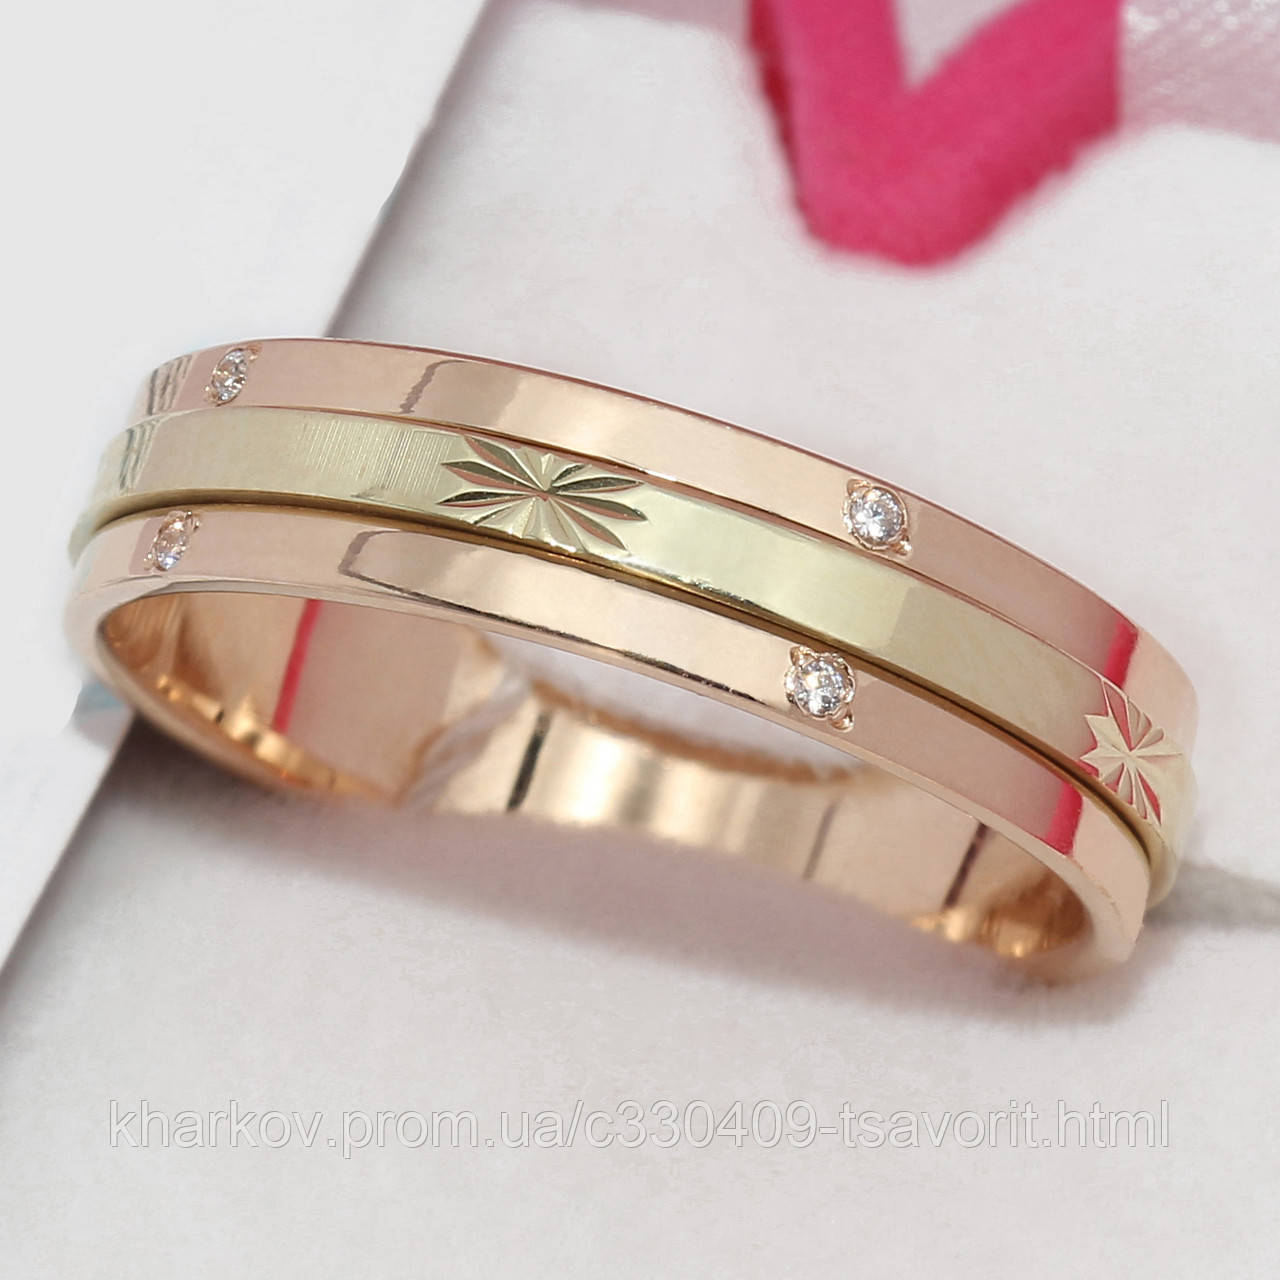 Золотое обручальное кольцо ХОК-22